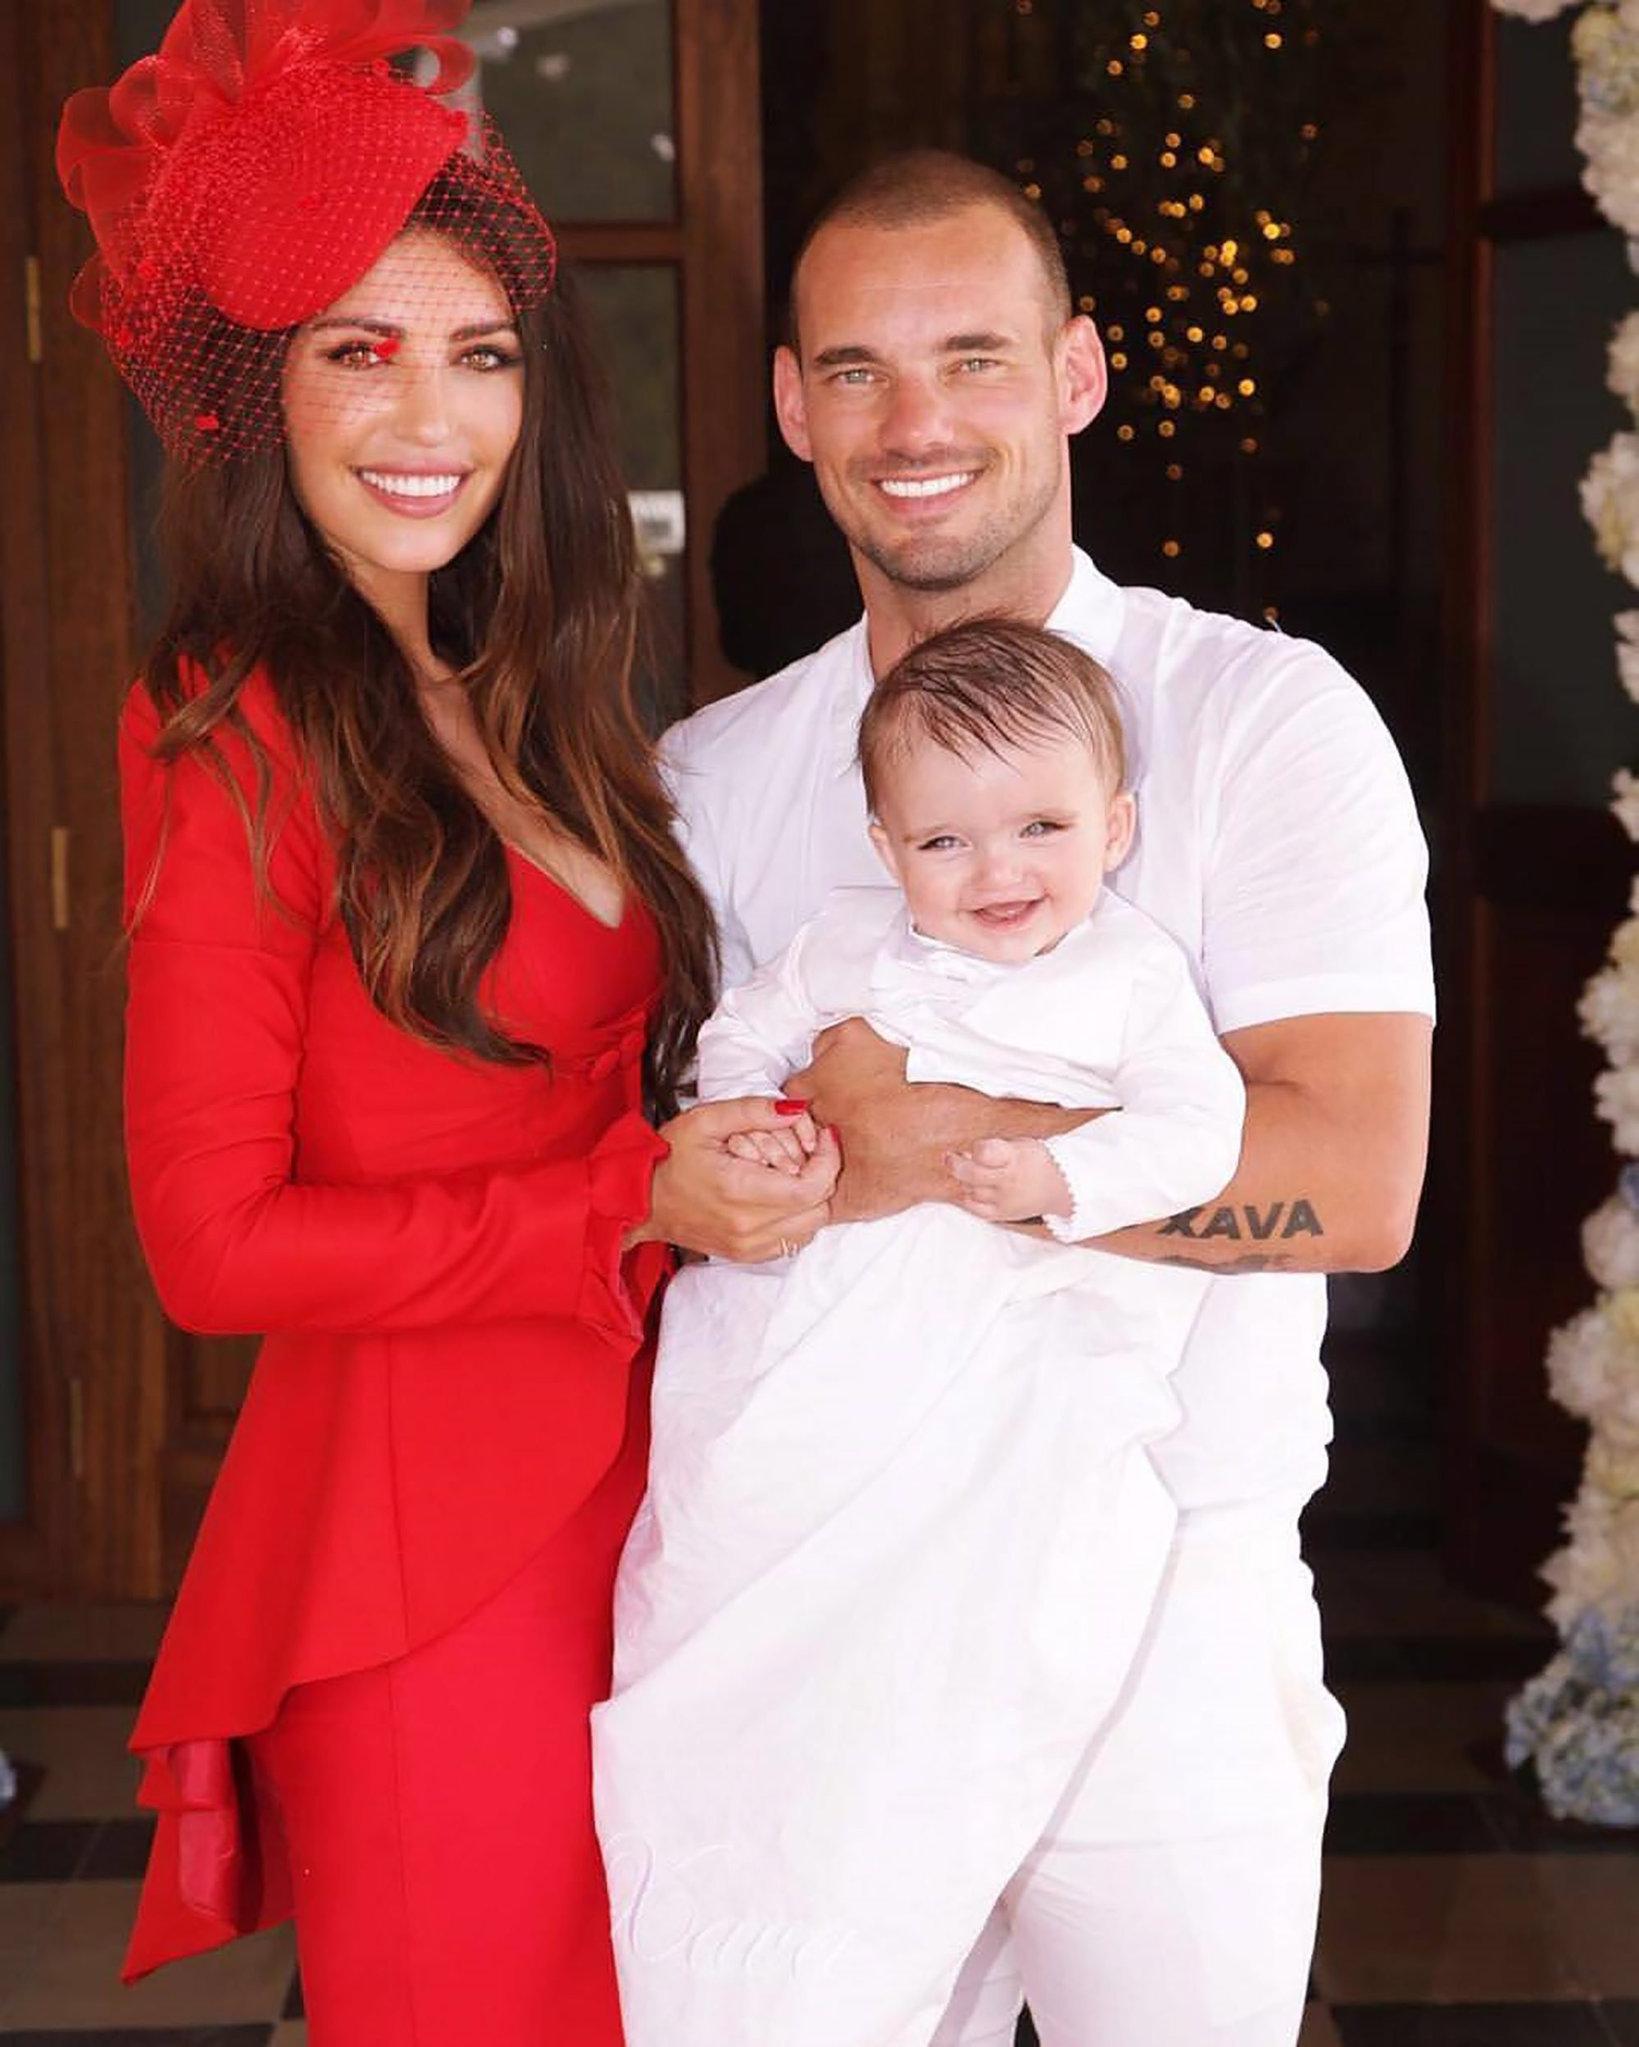 Wesley Sneijder ile Yolanthe Cabau ihanet yüzünden boşanıyor mu?